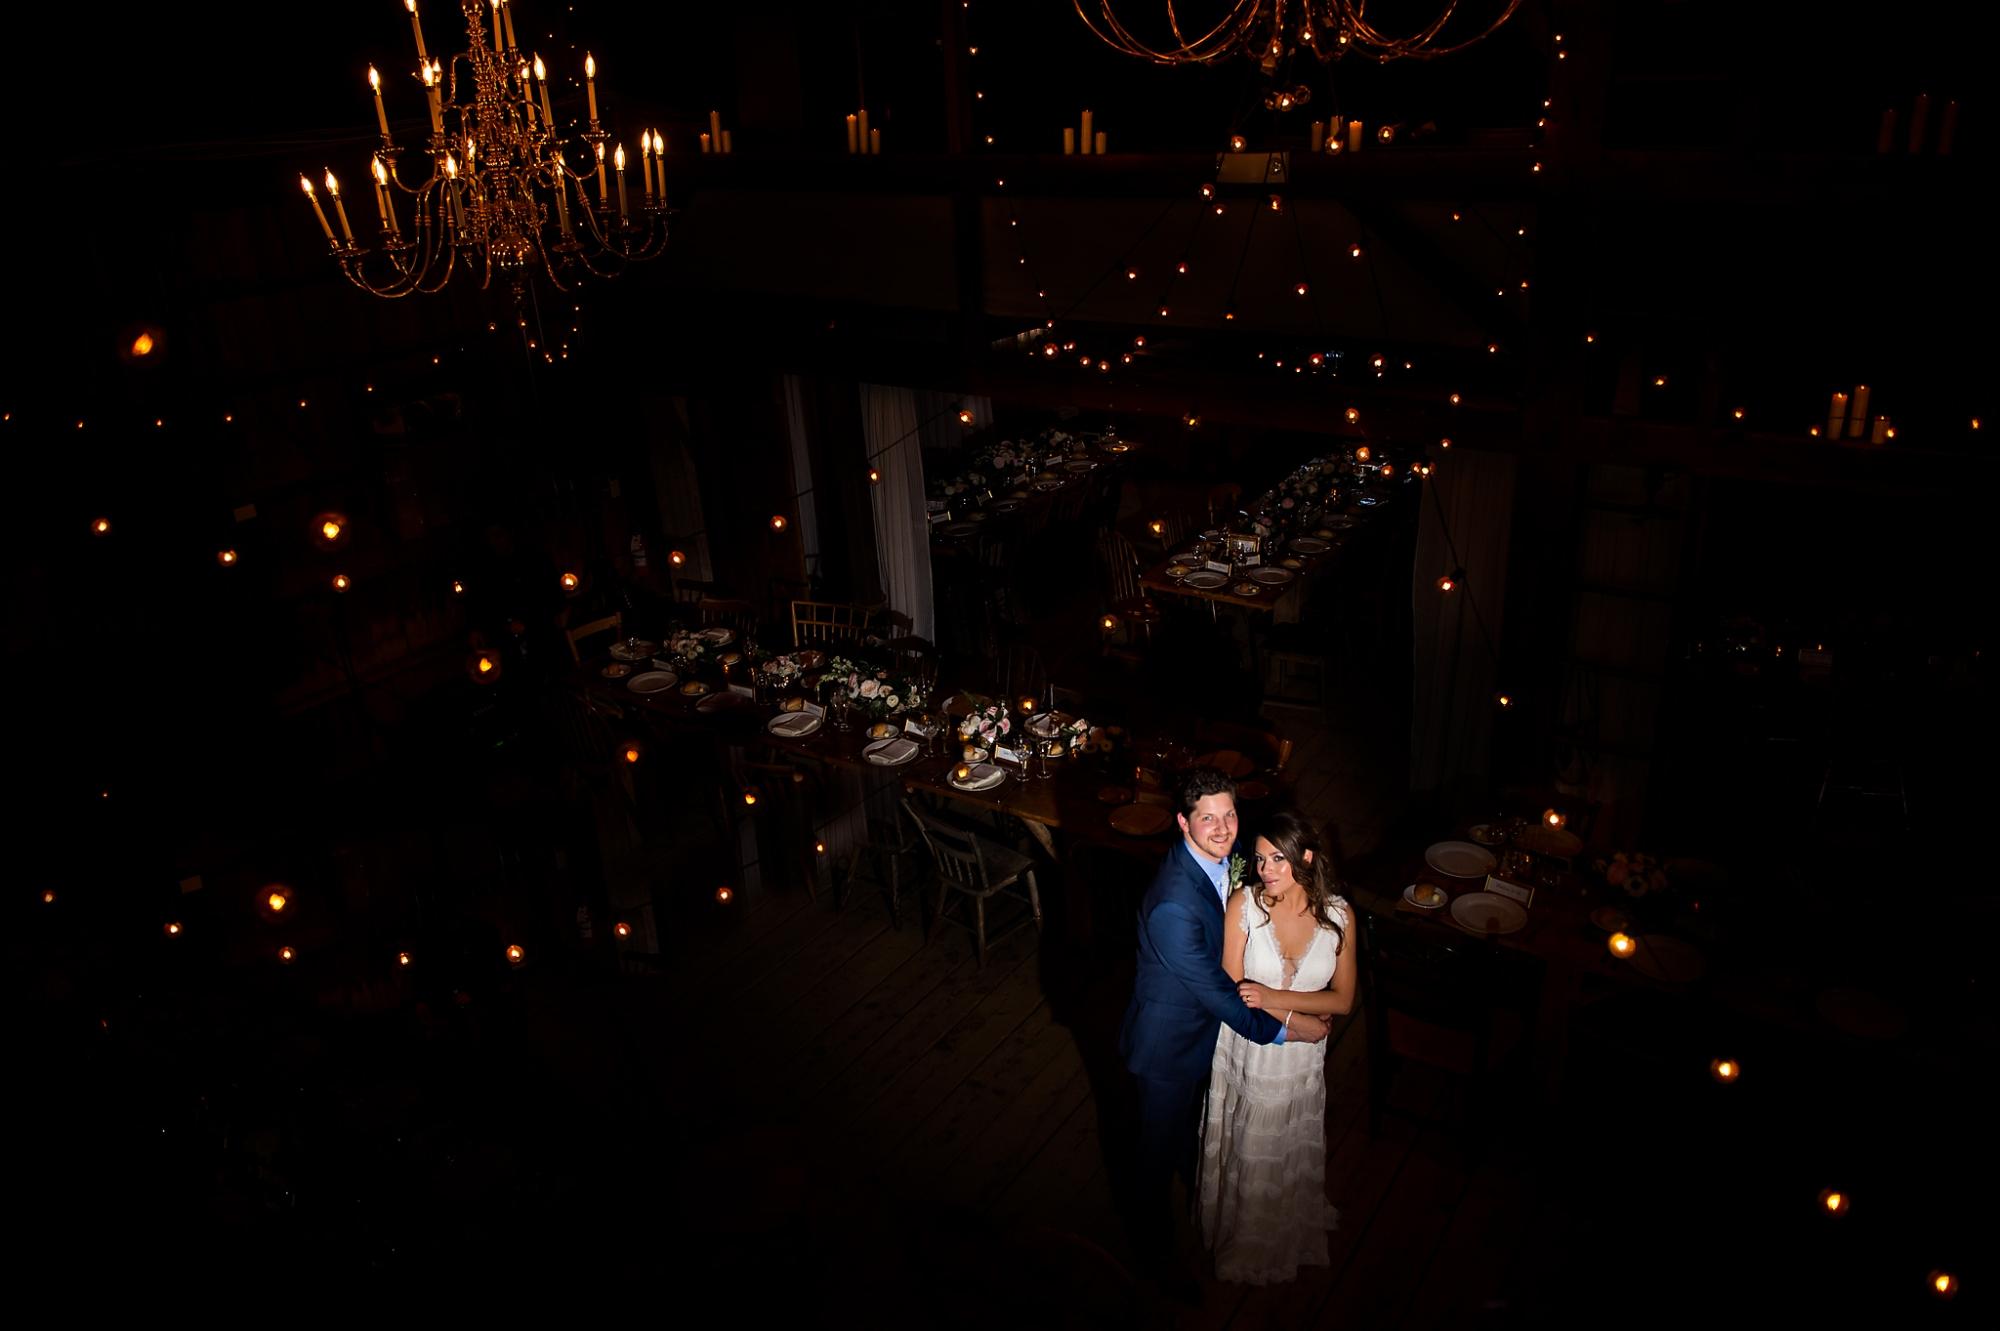 Jacks-Barn-Wedding-Photography33